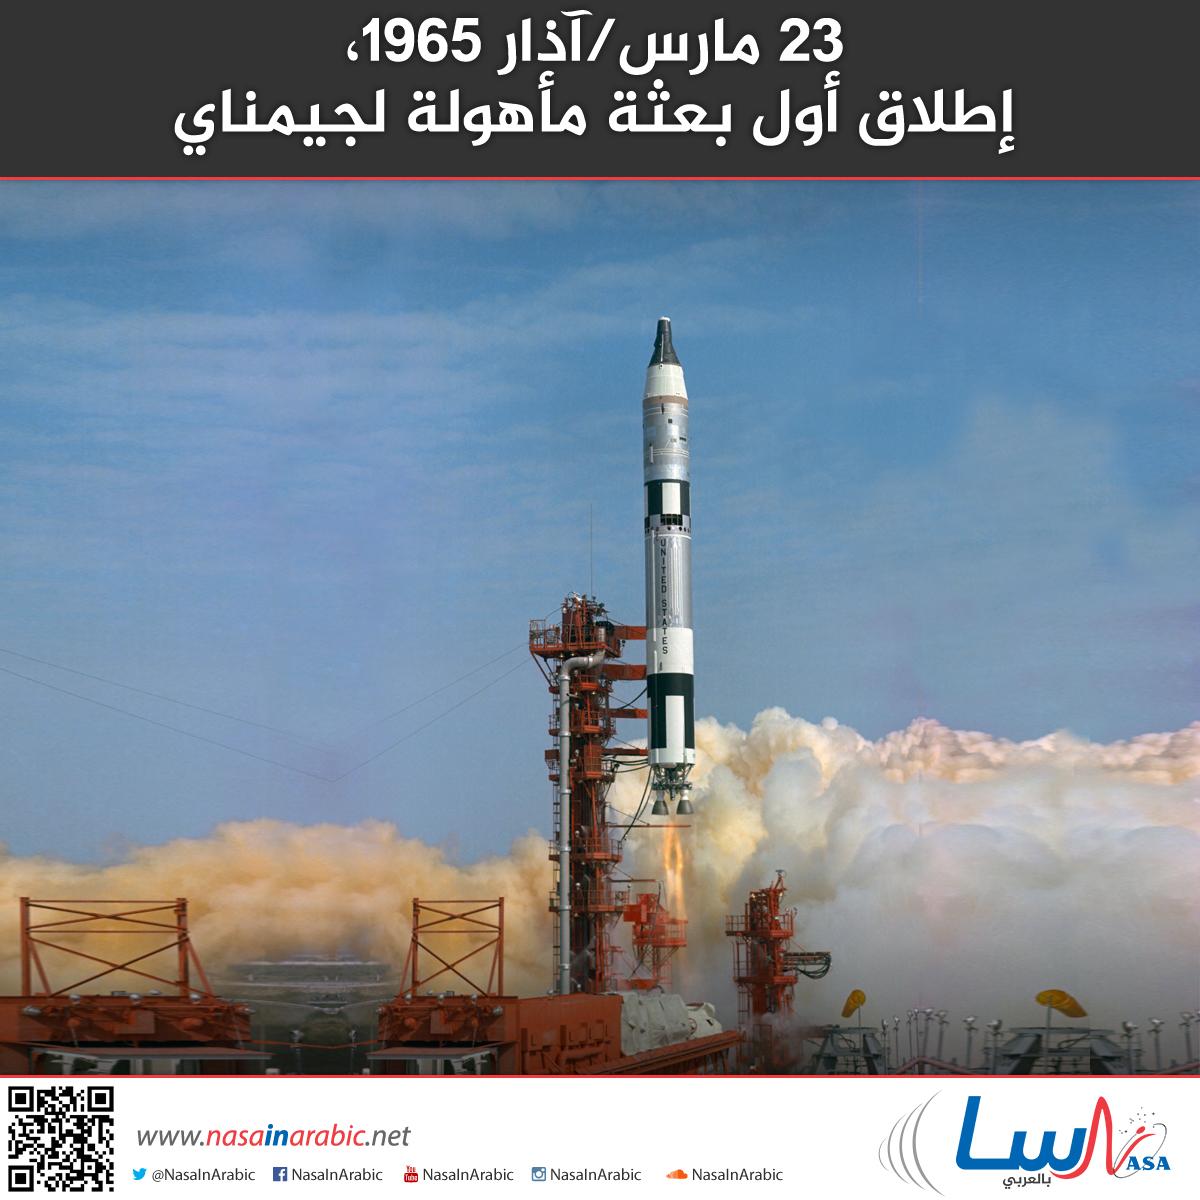 23 مارس/آذار 1965، إطلاق أول بعثة مأهولة لجيمناي